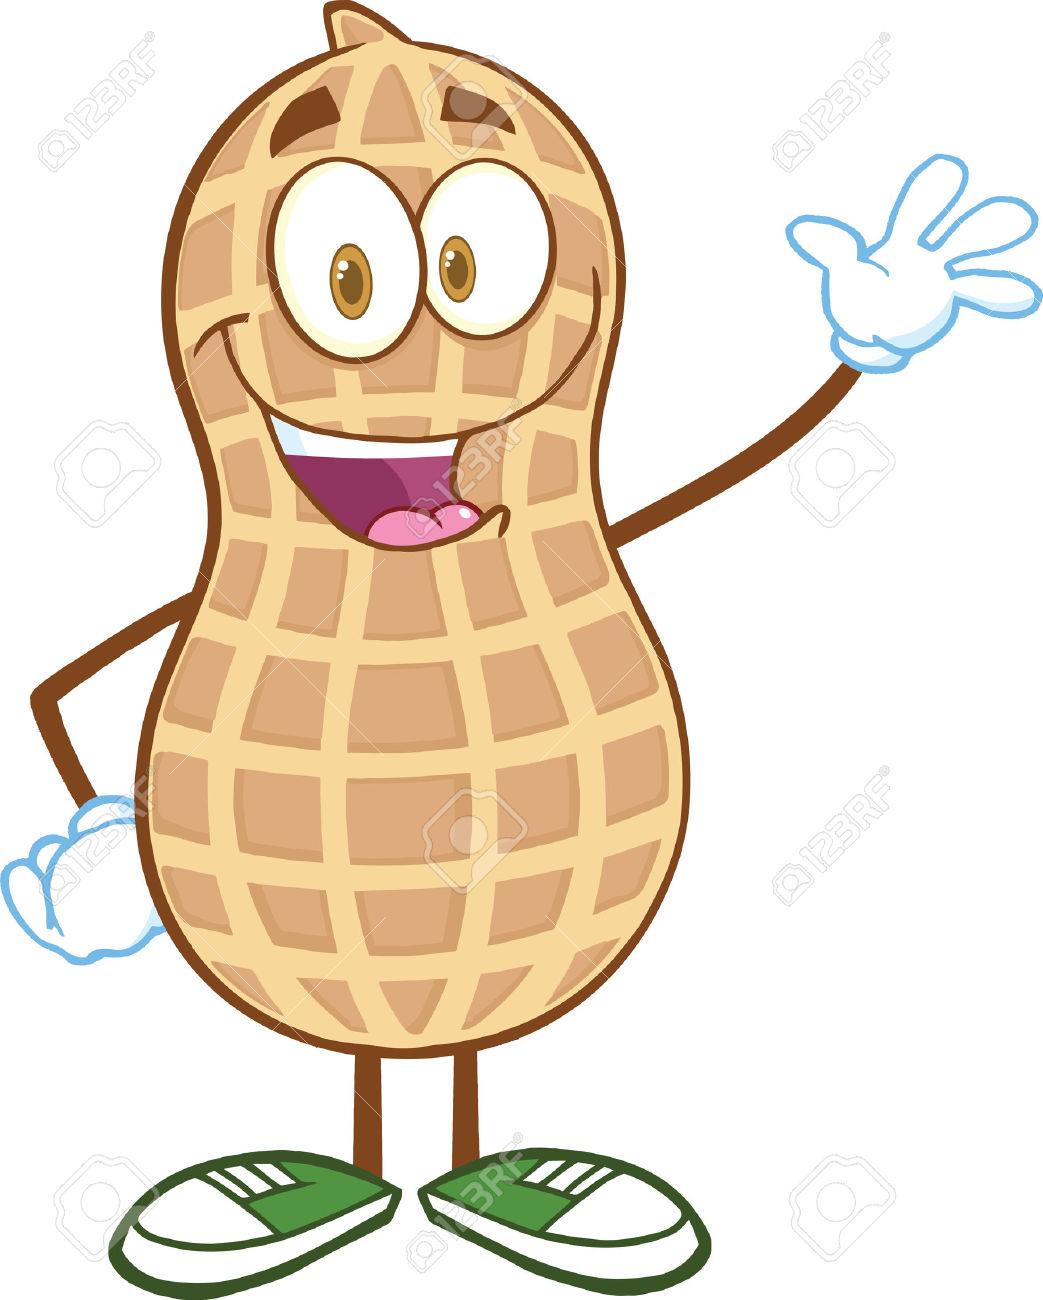 1043x1300 Peanut Butter Clipart Groundnut